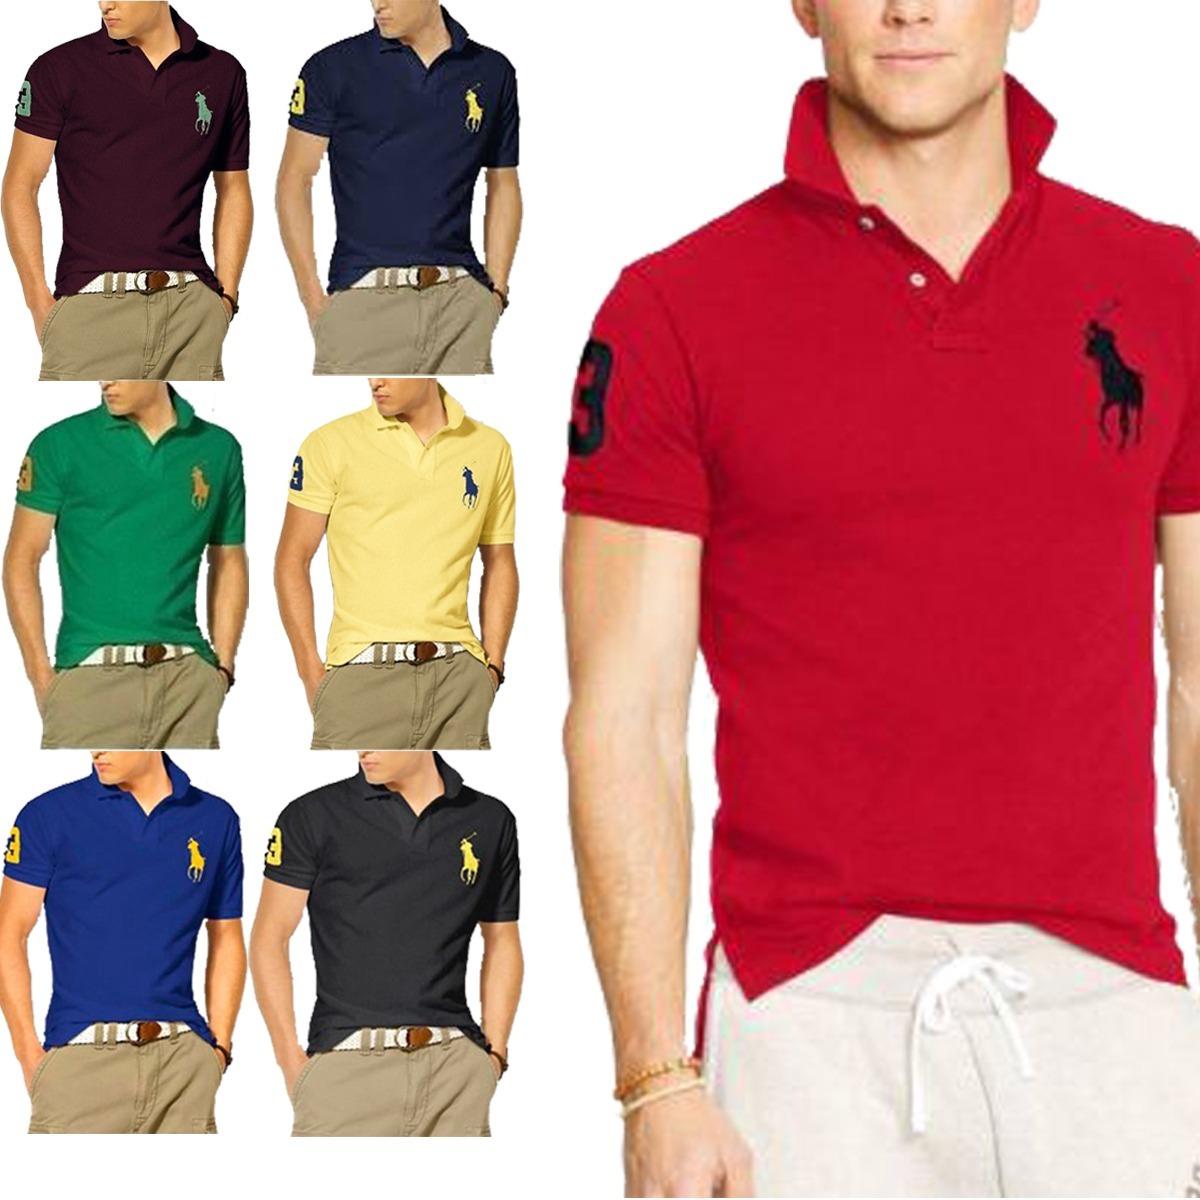 34236d2b99 kit 8 camisas camisetas gola polo masculina atacado barato. Carregando zoom.